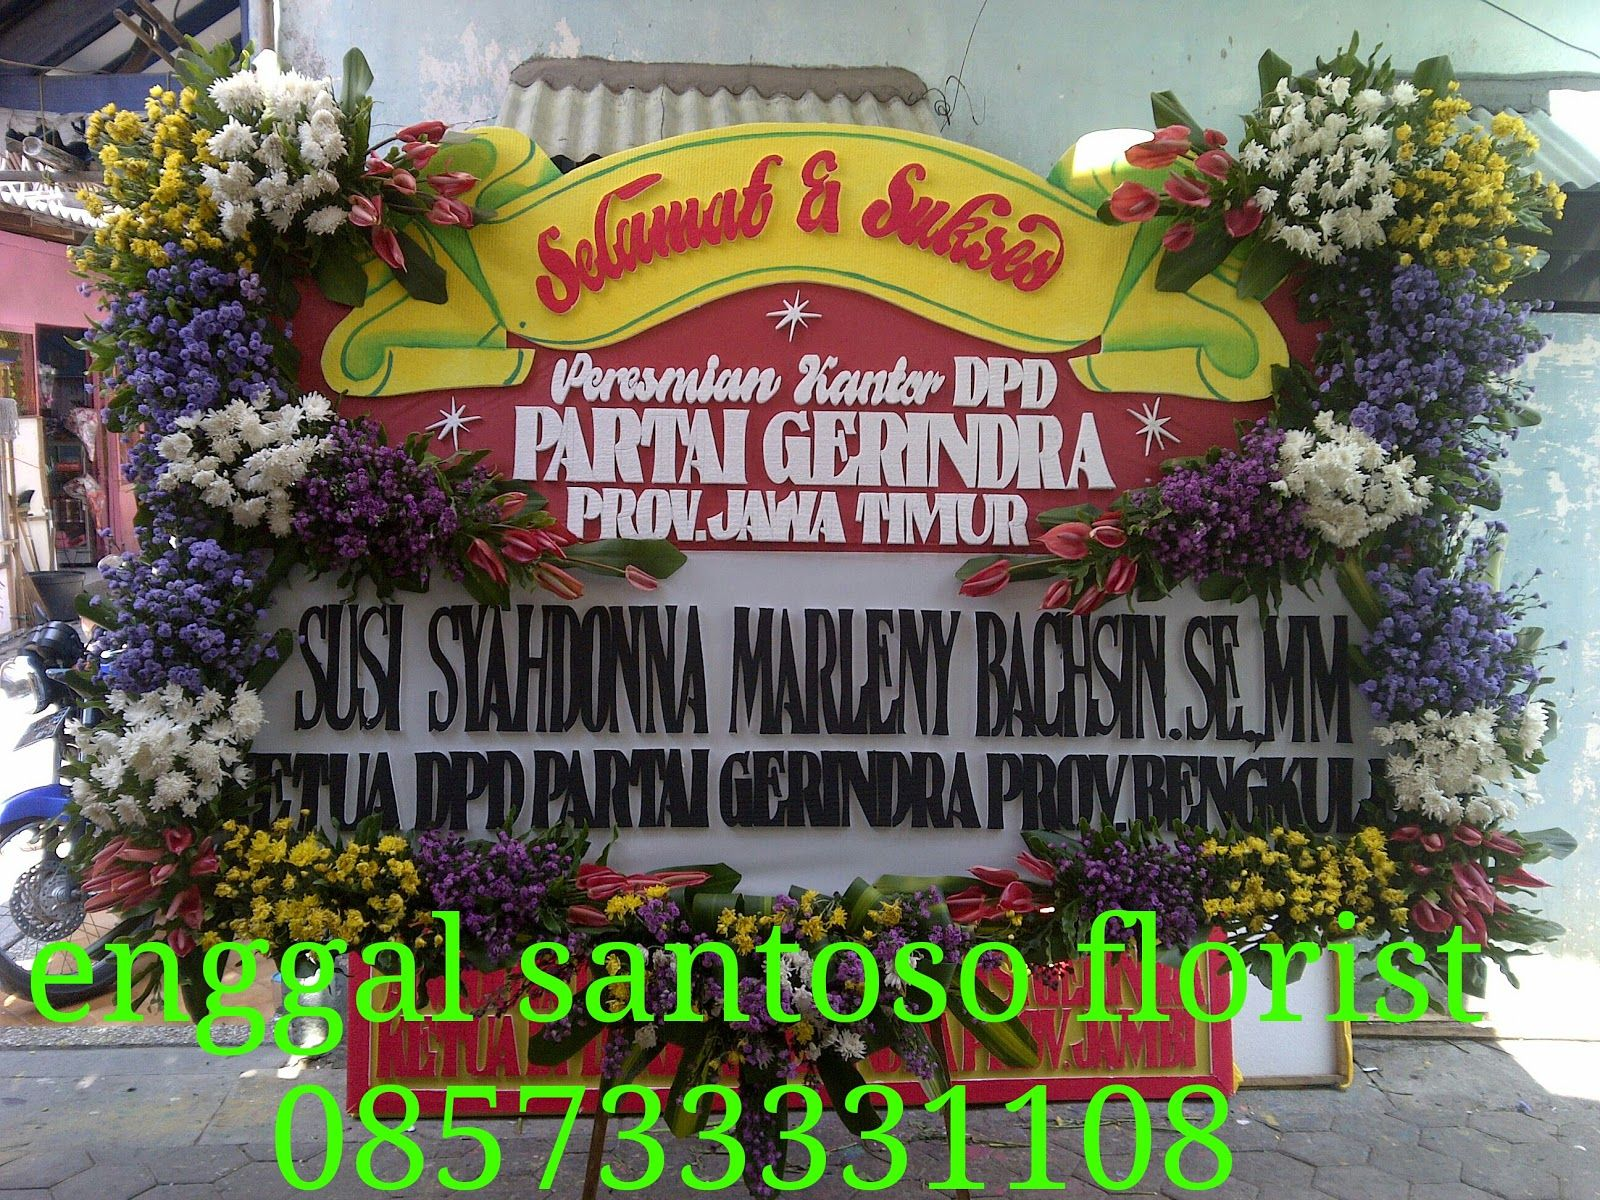 Karangan Bunga Peresmian Kantor Toko Rangkaian Karangan Bunga Online Surabaya 085733331108 Karangan Bunga Karangan Bunga